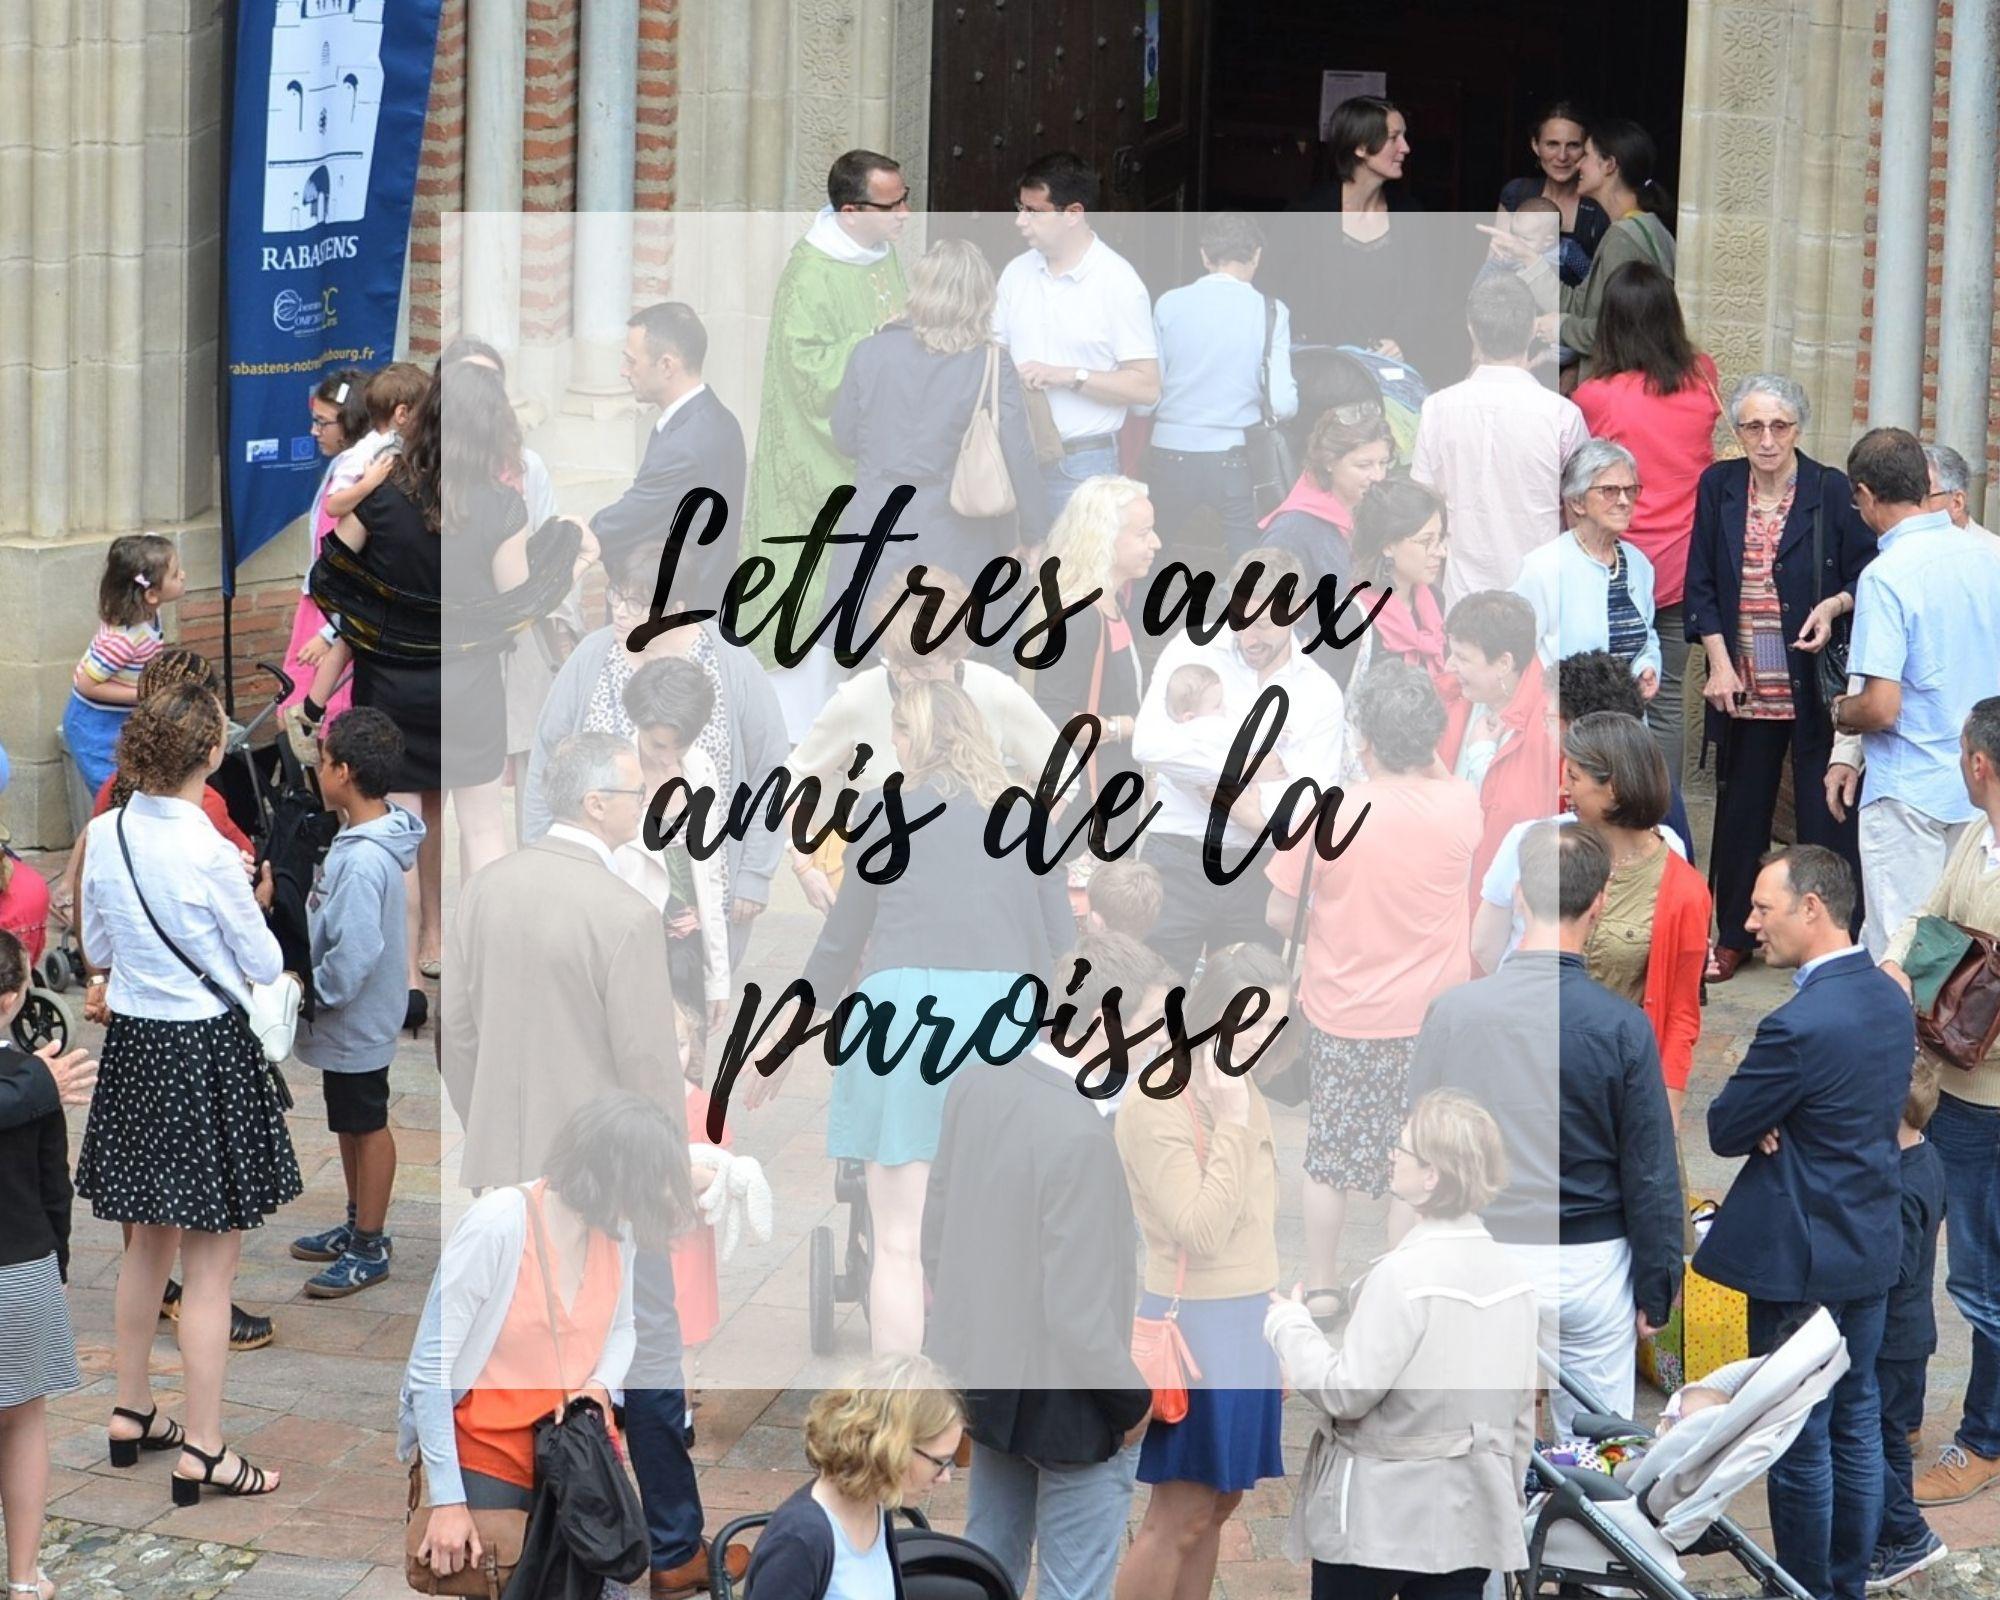 Lettres aux amis...